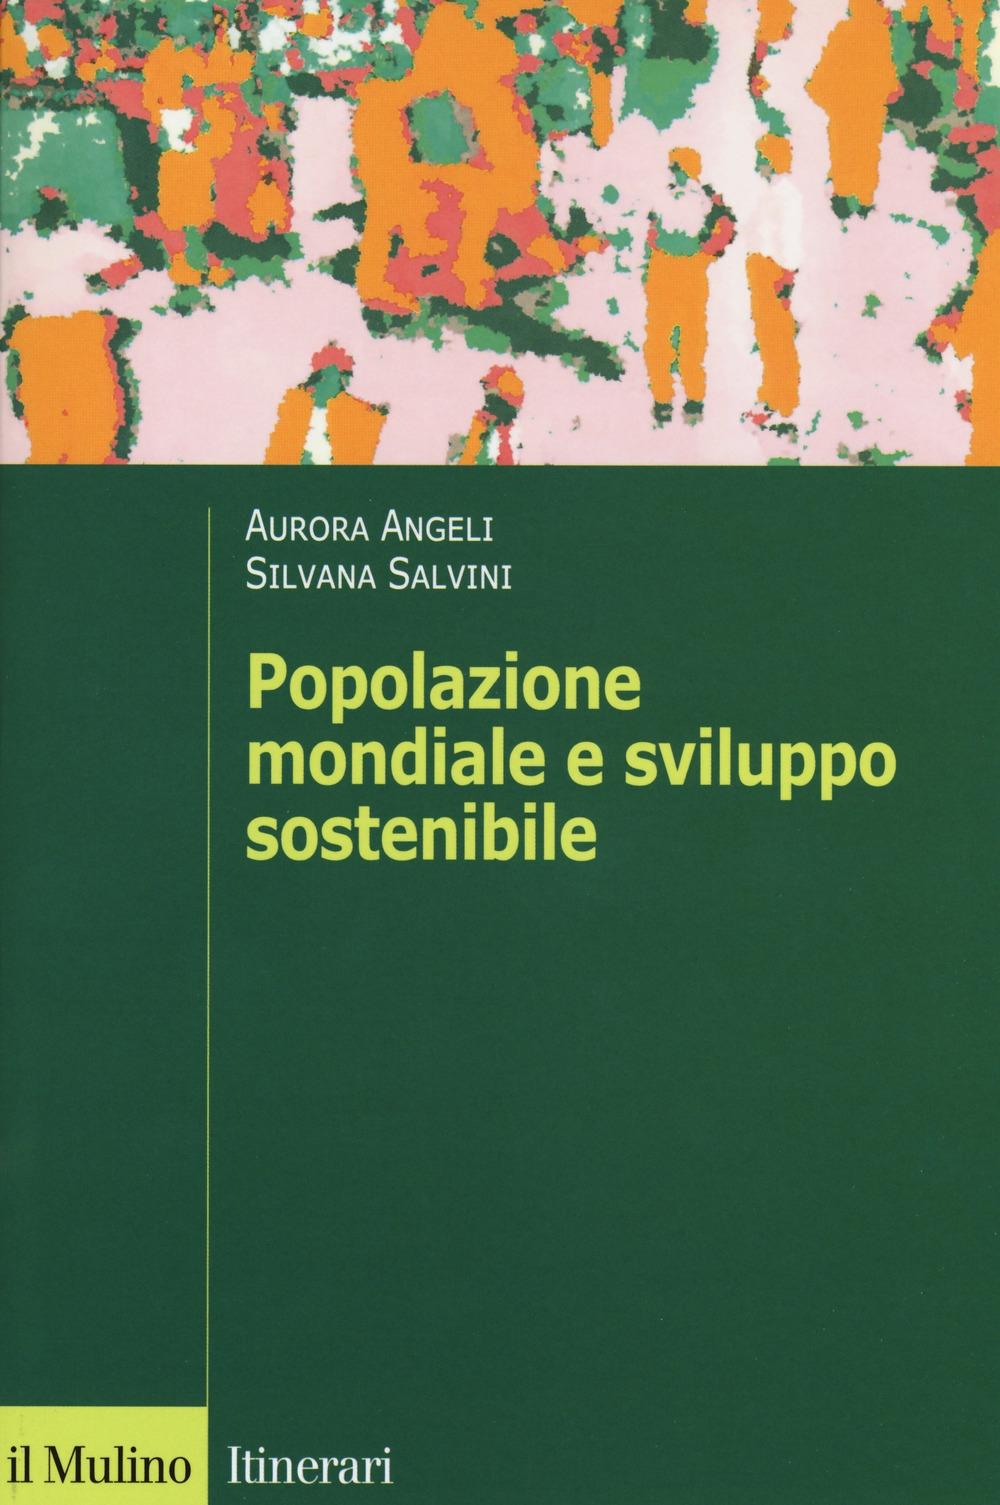 Popolazione mondiale e sviluppo sostenibile. Crescita, stagnazione e declino